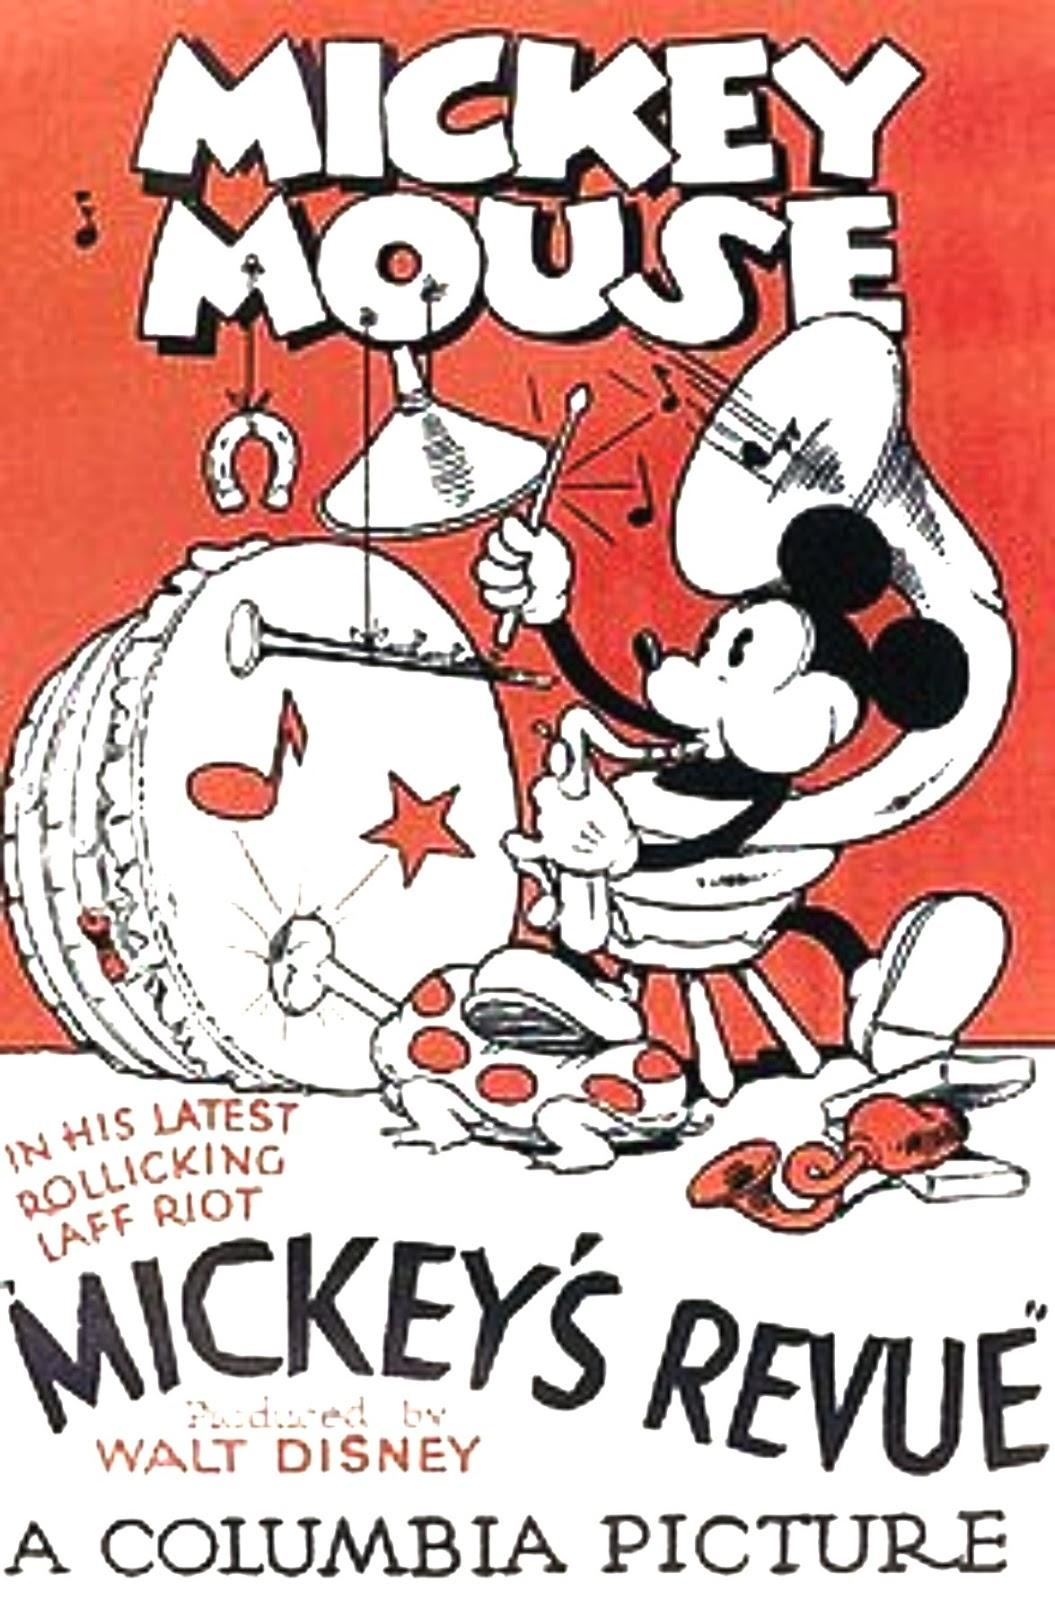 Goofy : Walt Disney's Cartoon Character turns 80 ~ Legends & Treasures